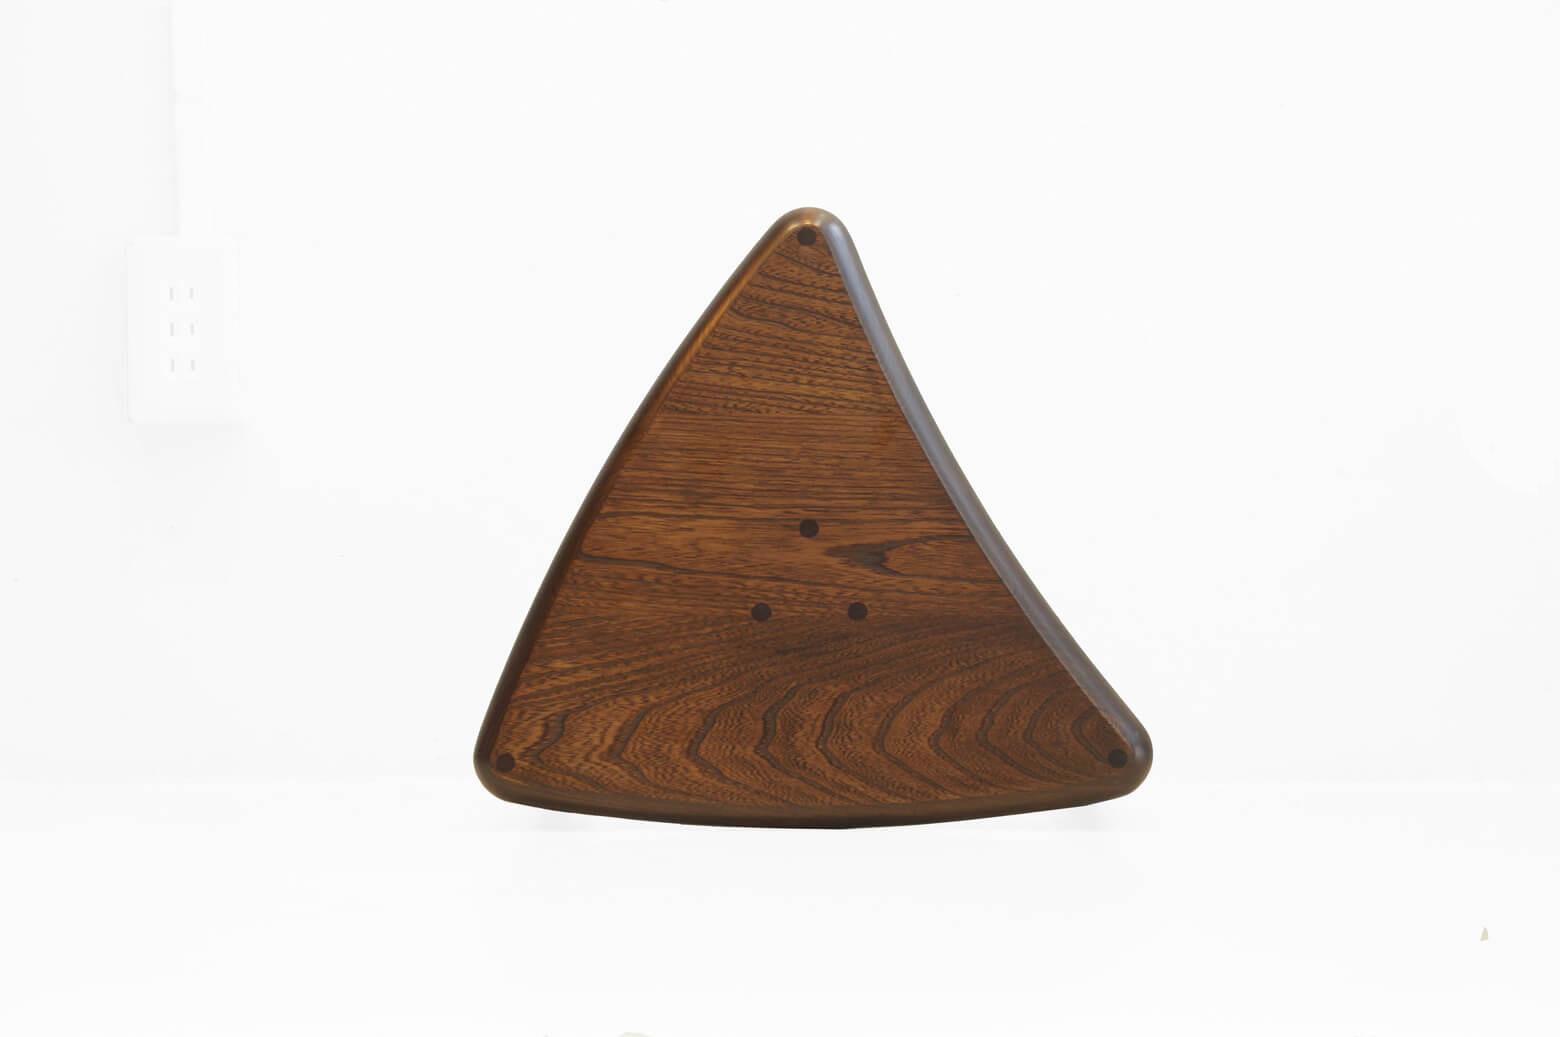 """1963年創業、東京都荒川区町屋に工房を構える家具メーカー、空間工房。 クルミ材を使った、おにぎりのような形のかわいらしい三角形のスツールです。 座面はただの三角形ではありません。 絶妙なえぐれと膨らみがあることにより、6脚並べると円形に3脚並べると半円になるという、ただ並べて置いていても絵になるような計算された形になっています。 さらに5脚まではスタッキングが可能なのでとてもコンパクトに収まります。 スツールは来客時の補助椅子として使われることが多く、使わない時は部屋の隅や押入れの中にしまわれてしまう脇役的な存在ですが、このスツールは使う時と使わない時の両方を考えられたデザイン性と実用性ともに優れた一脚です。 細かな傷やスレがございますが、大きなダメージはございません。 実は座面の裏側を見ると、""""剣留め""""という日本の伝統的な技法で三本の脚が接合されています。 この技法を使うことによって、座った時によりブレにくく、歪みにくくなっています。 たかがスツール、されどスツール… スツールは使用頻度があまり高くない家具ではありますが、こだわりのあるものであればいつでもどこでも活躍させてあげたいですよね♪ ~【東京都杉並区阿佐ヶ谷北アンティークショップ 古一】 古一/ふるいちでは出張無料買取も行っております。杉並区周辺はもちろん、世田谷区・目黒区・武蔵野市・新宿区等の東京近郊のお見積もりも!ビンテージ家具・インテリア雑貨・ランプ・USED品・ リサイクルなら古一/フルイチへ~"""